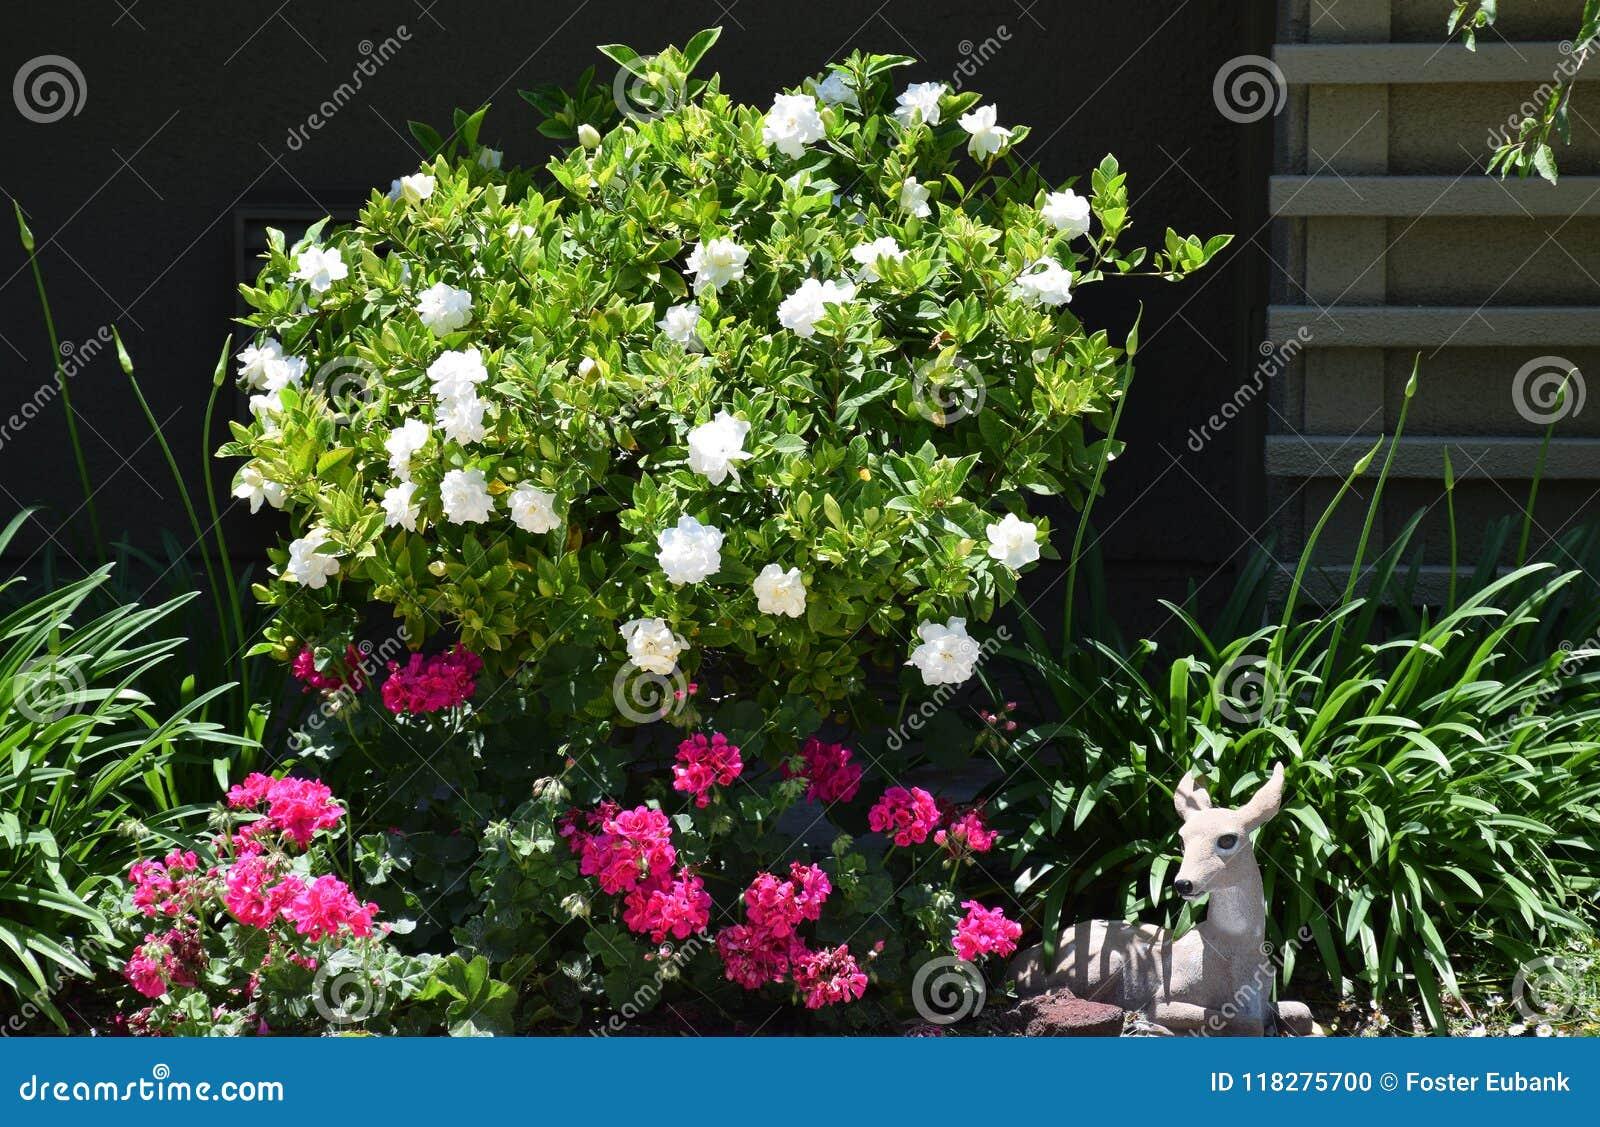 Buisson de gardénia en pleine floraison